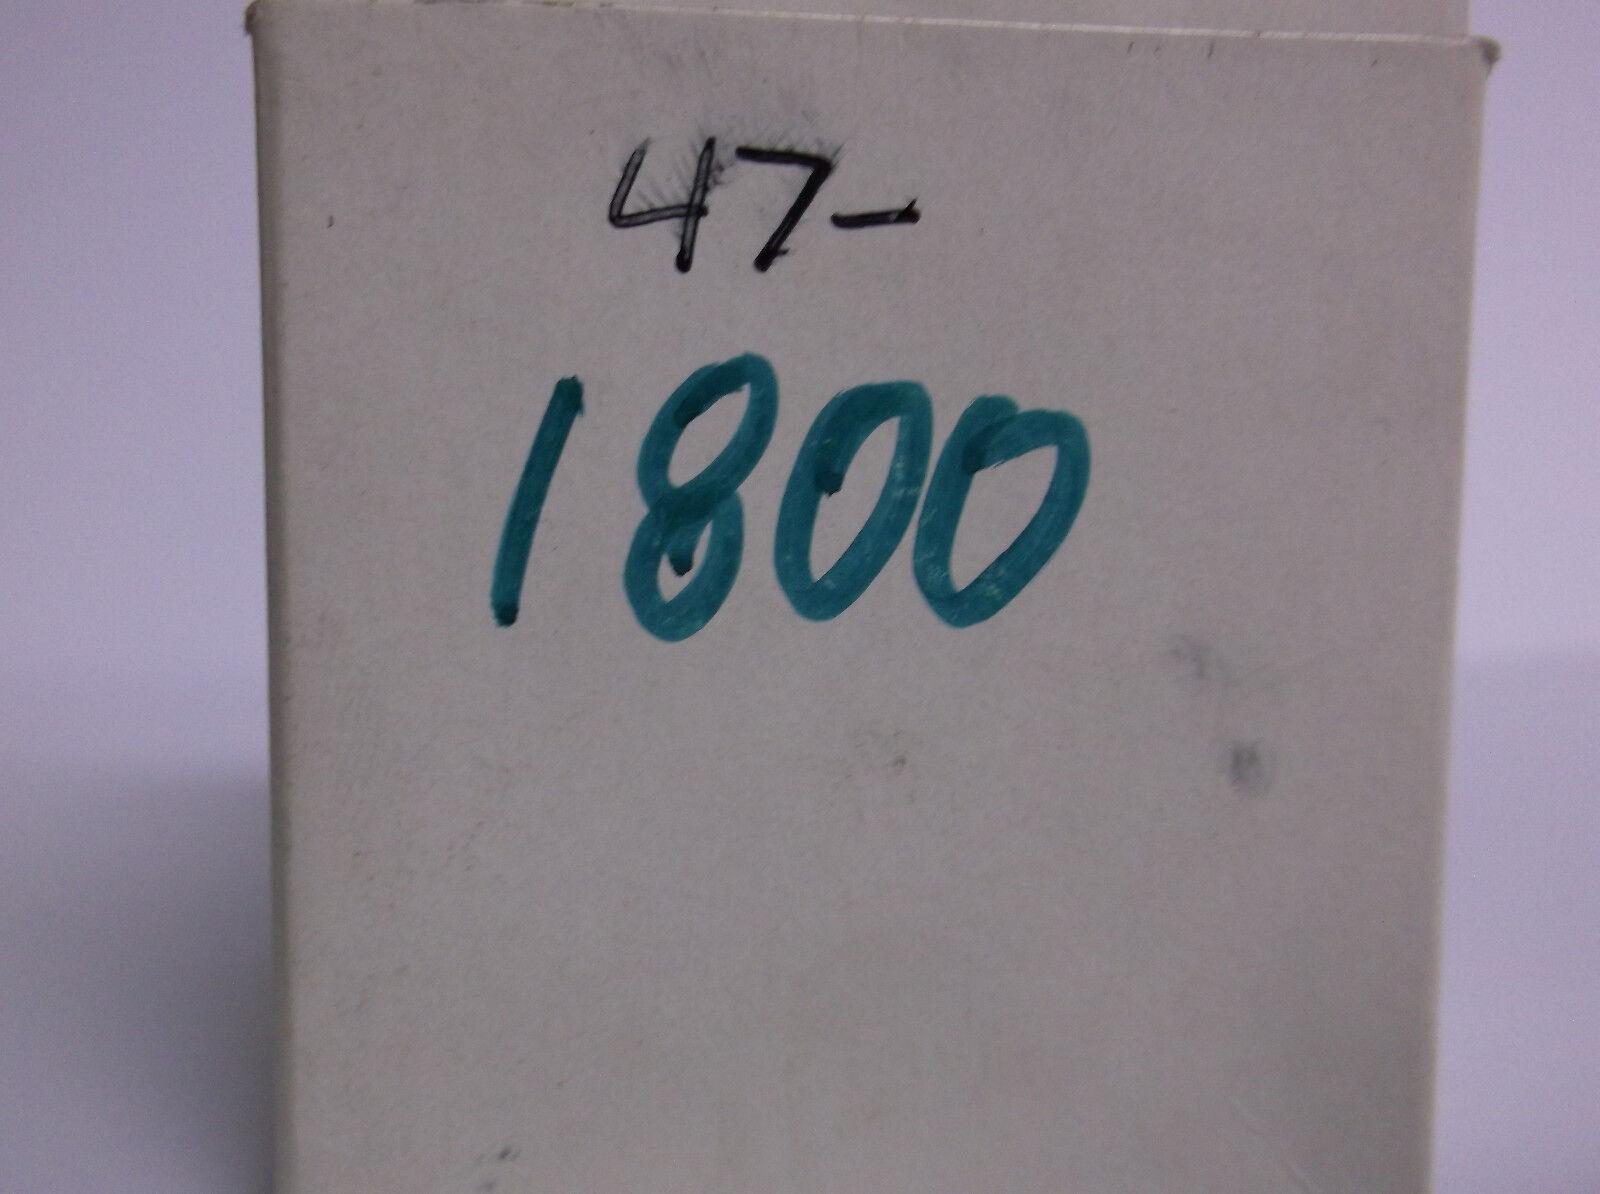 Nuevo-Penn Hilado Cocheretes parte - 47-1800 prión 1800 Cocherete  Asamblea  mejor reputación